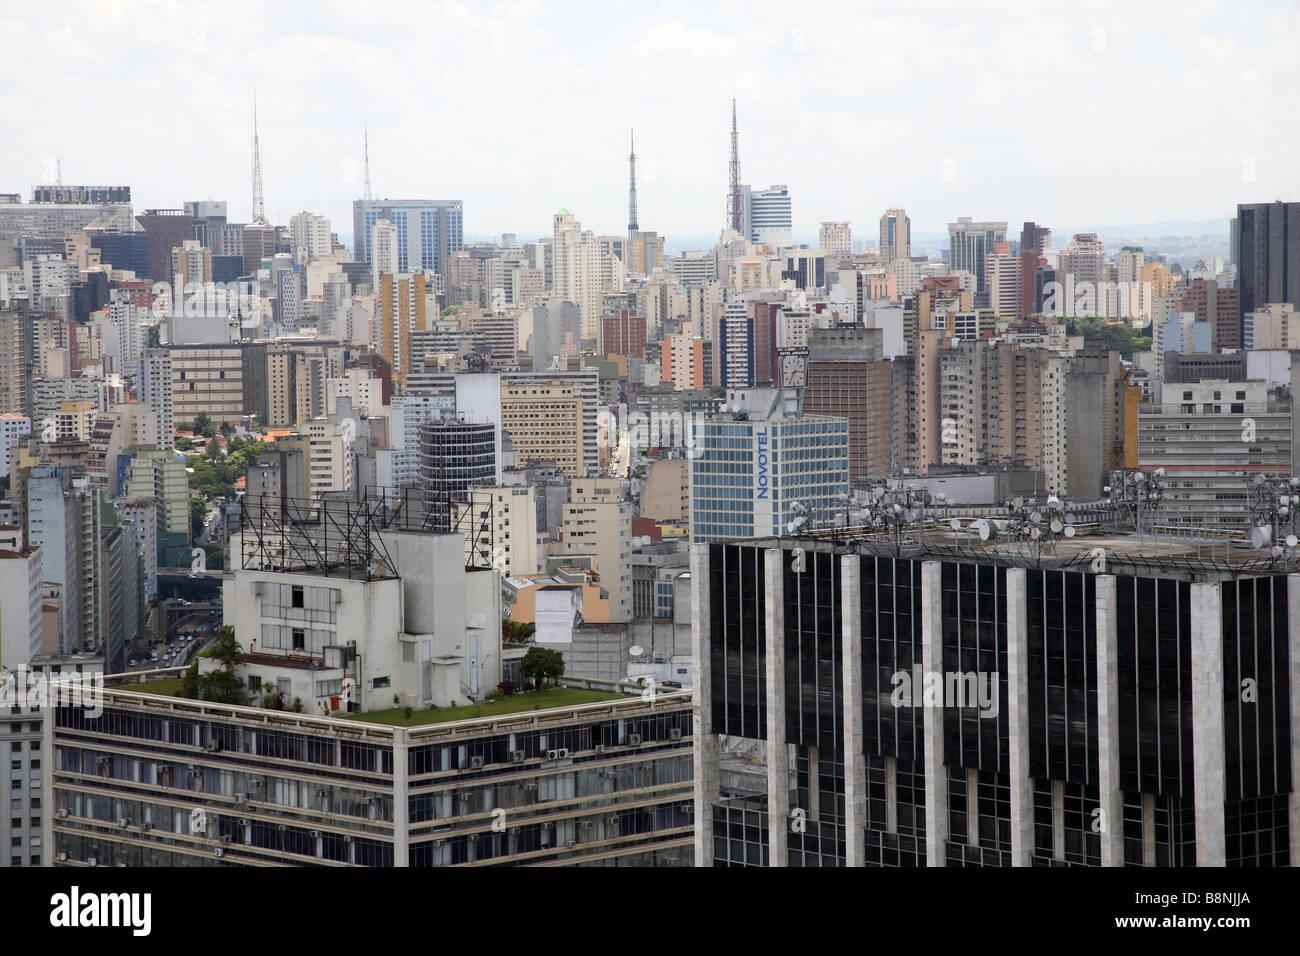 Skyline della città di Sao Paulo in Brasile Immagini Stock